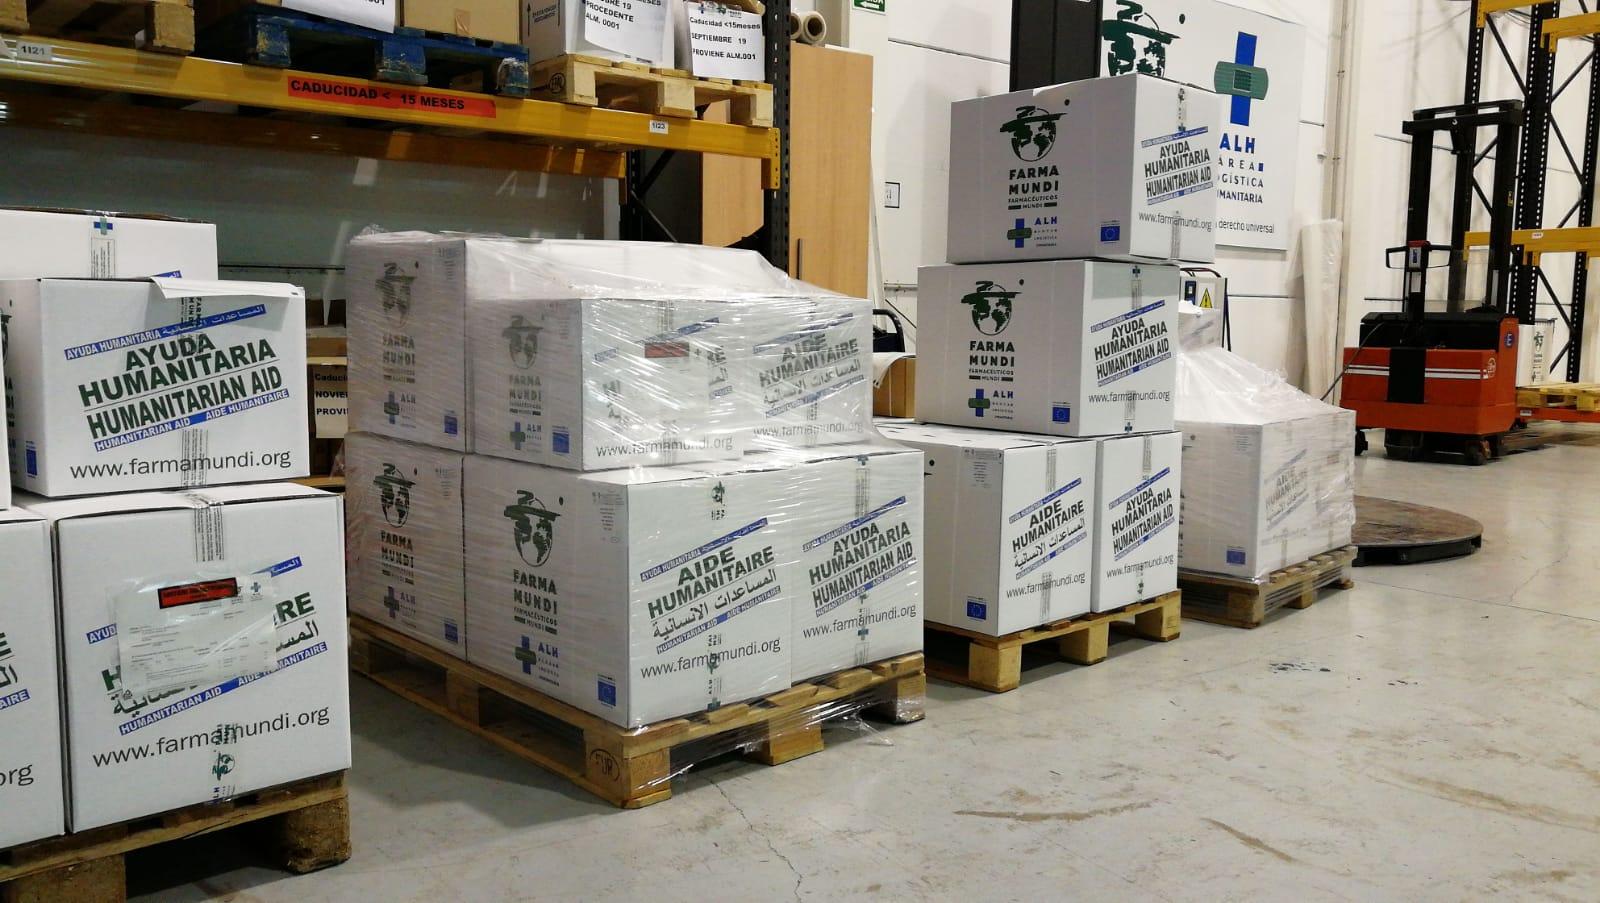 COVID-19 I Suministramos nueve toneladas de EPI a diversos actores humanitarios en España